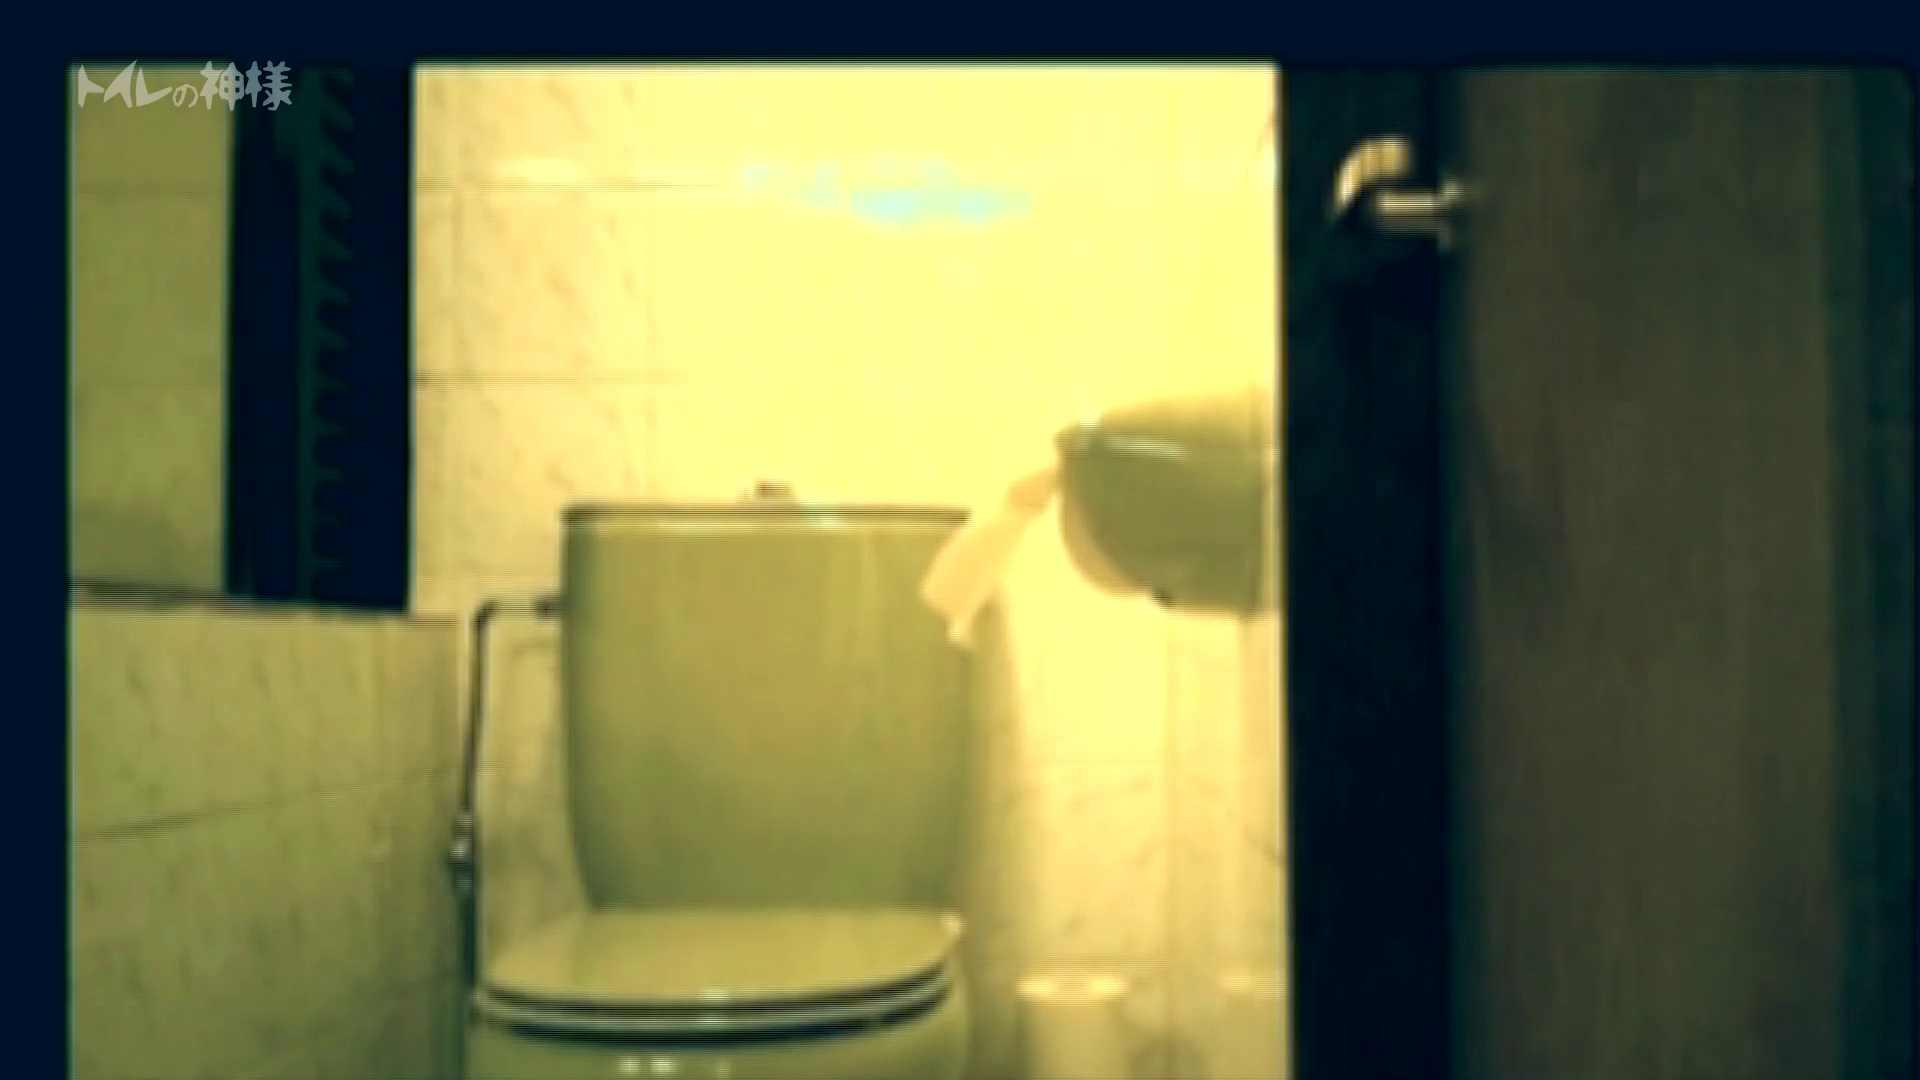 トイレの神様 Vol.01 花の女子大生うんこ盗撮1 うんこ特集 ぱこり動画紹介 96pic 41